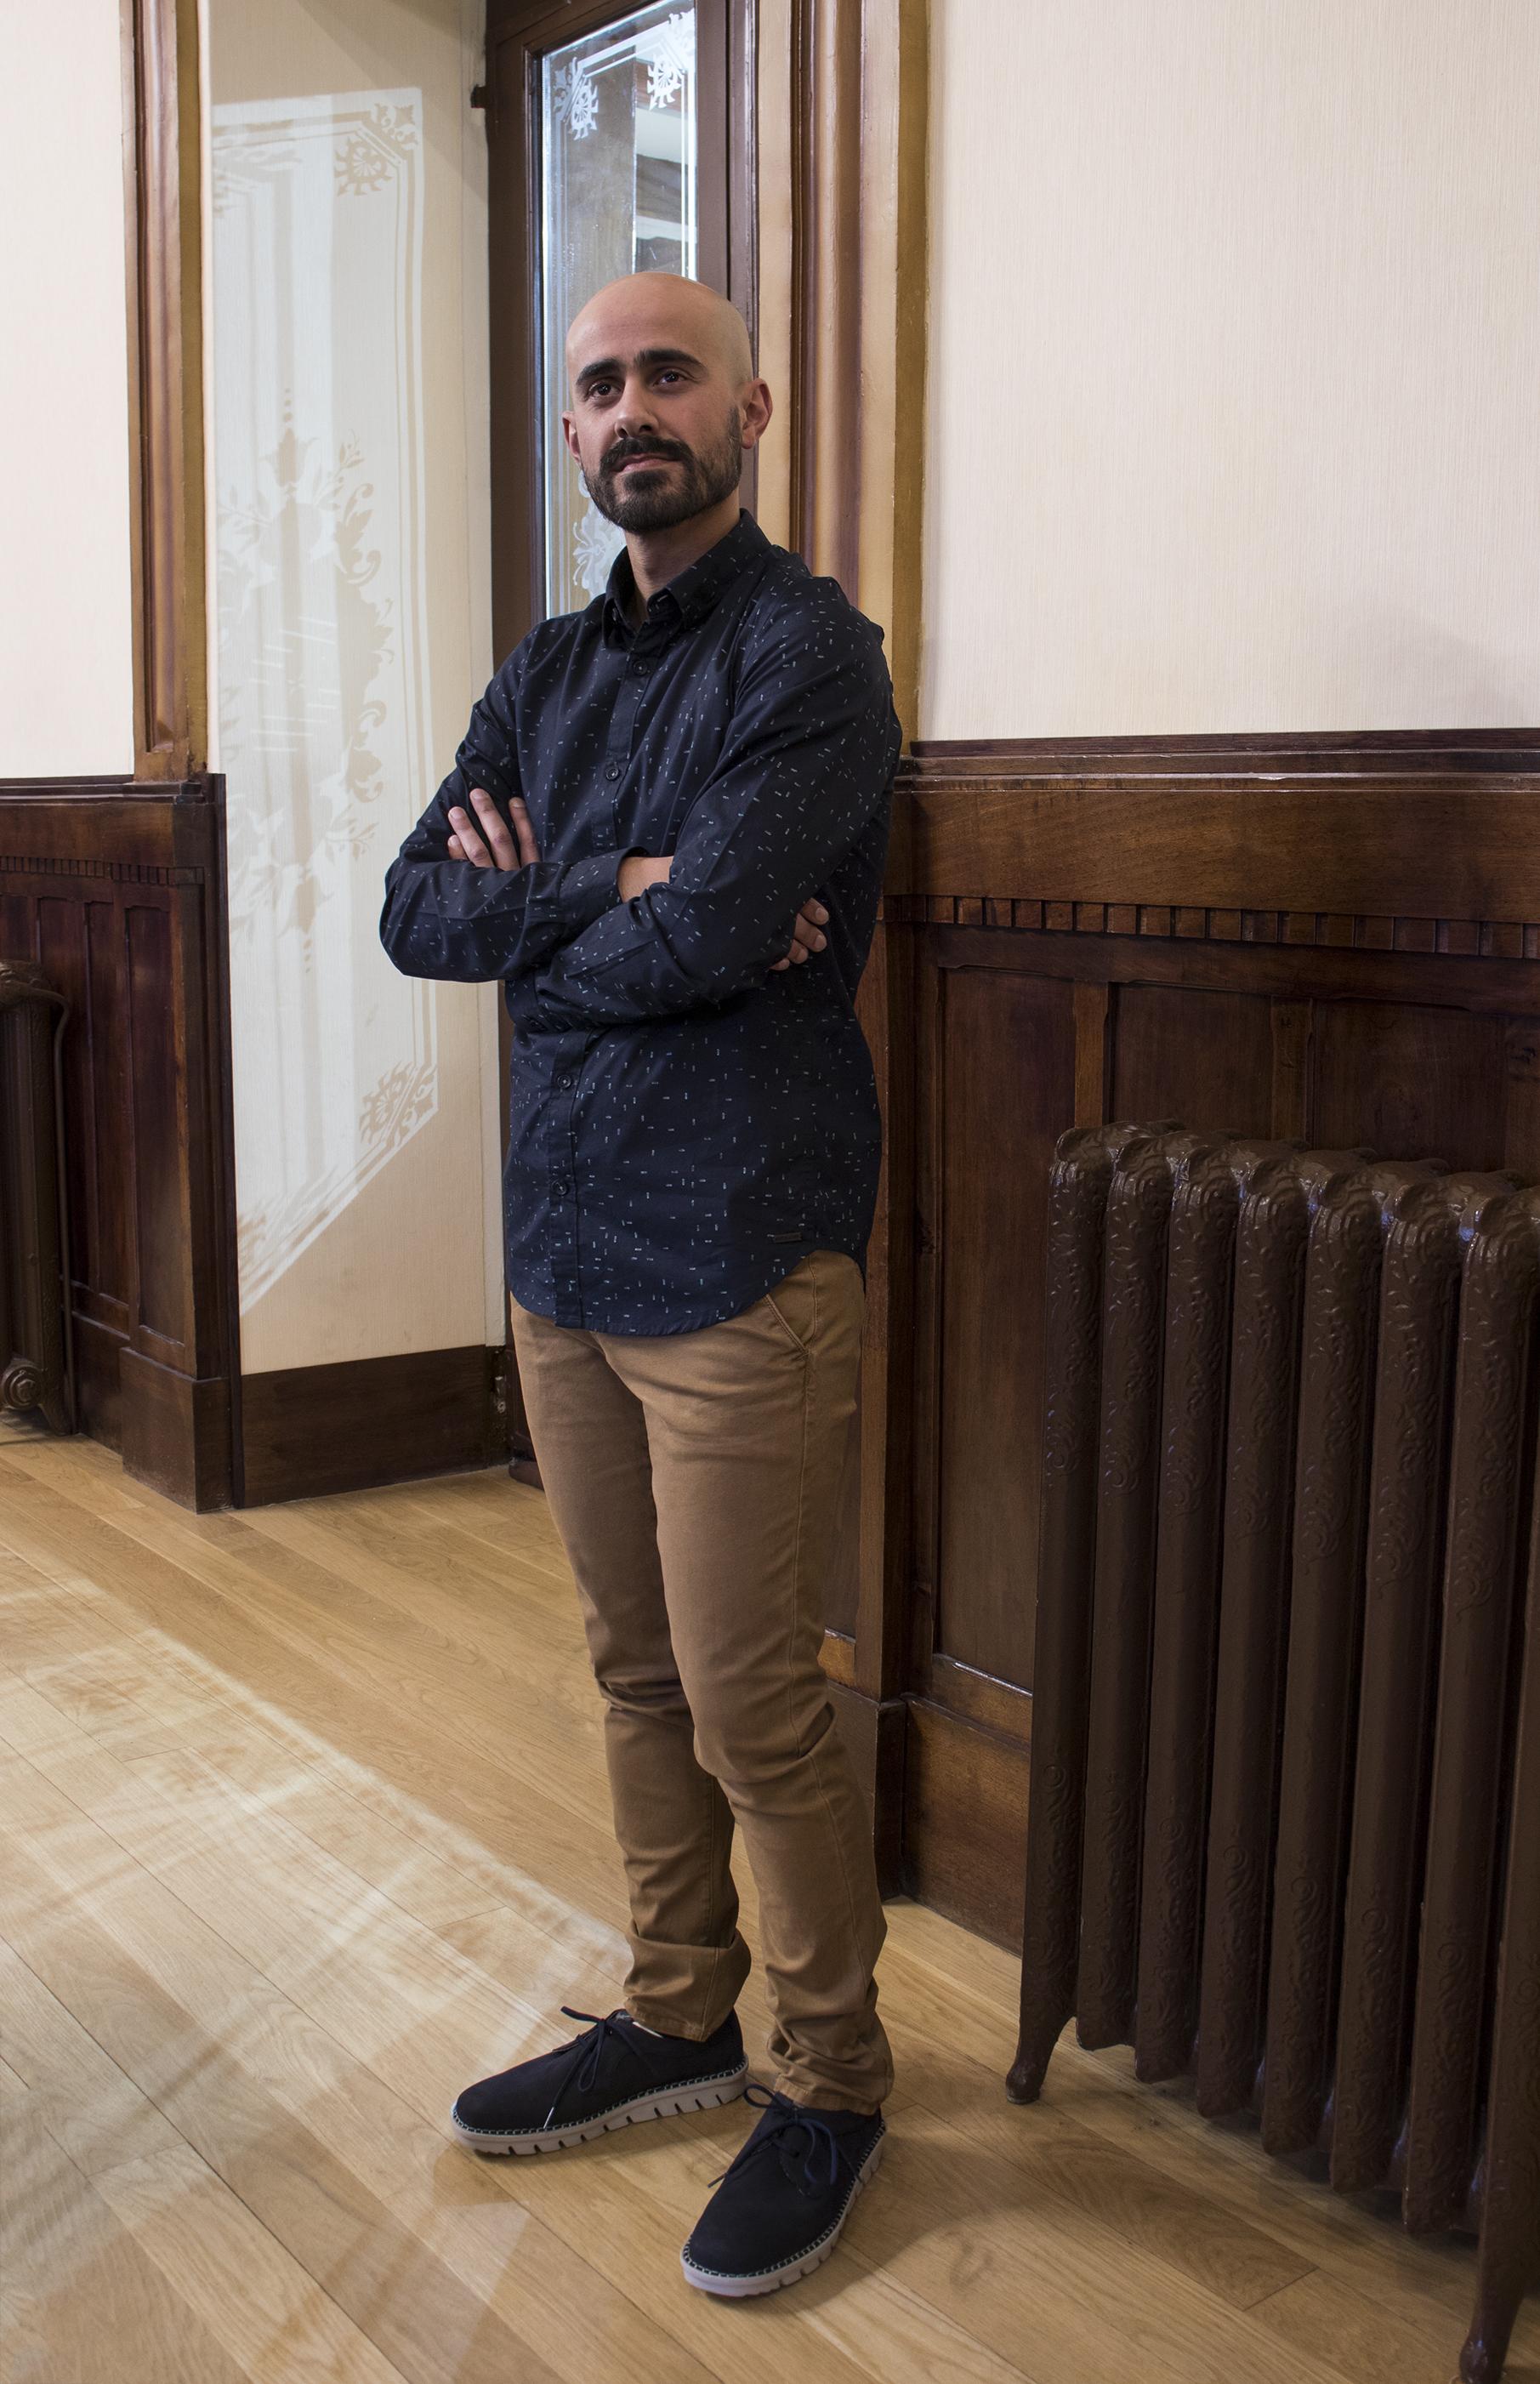 David look chino, camisa oscura y zapatos cachalot - Regalos para el día del padre 2018 Ourense